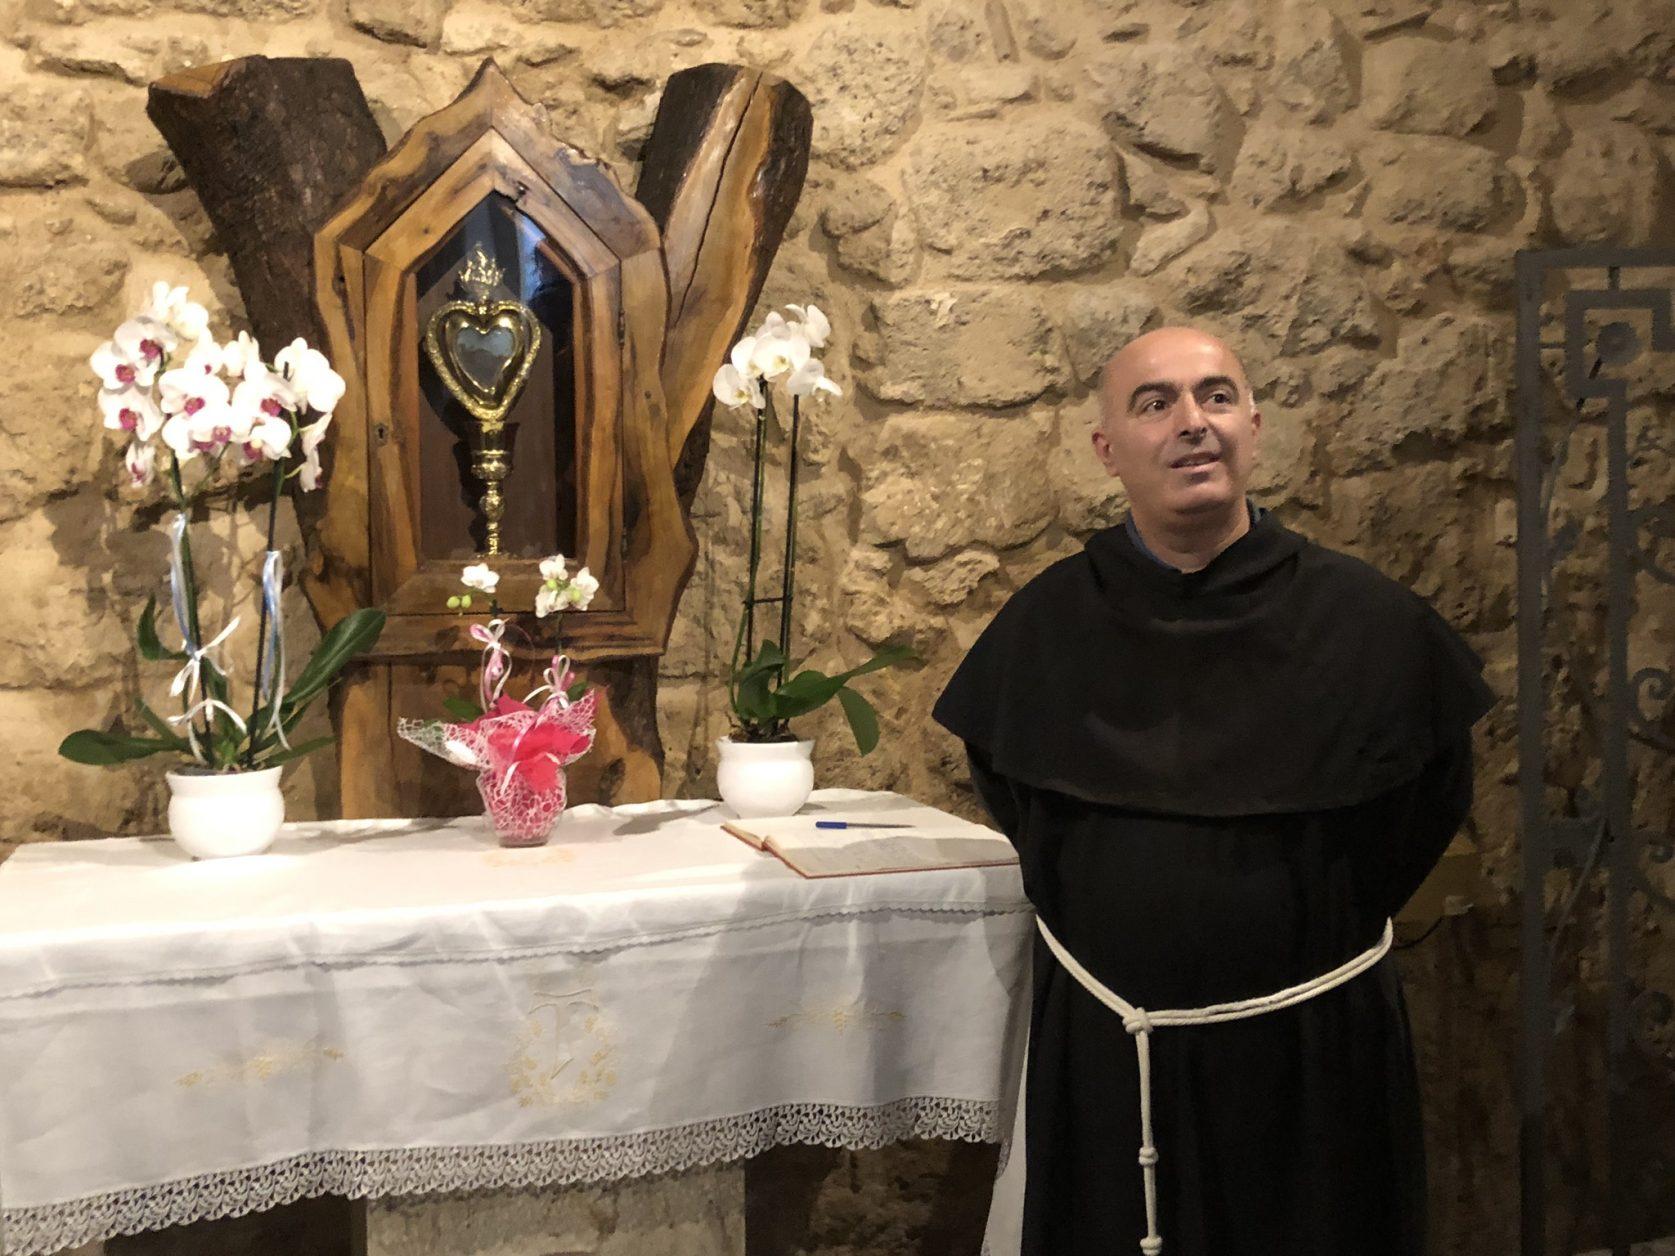 Während sich der Körper des am 18. September 1663 in Osimo in Italien verstorbenen Mönches in Osimo befindet, wird sein Herz in Copertino aufbewahrt.